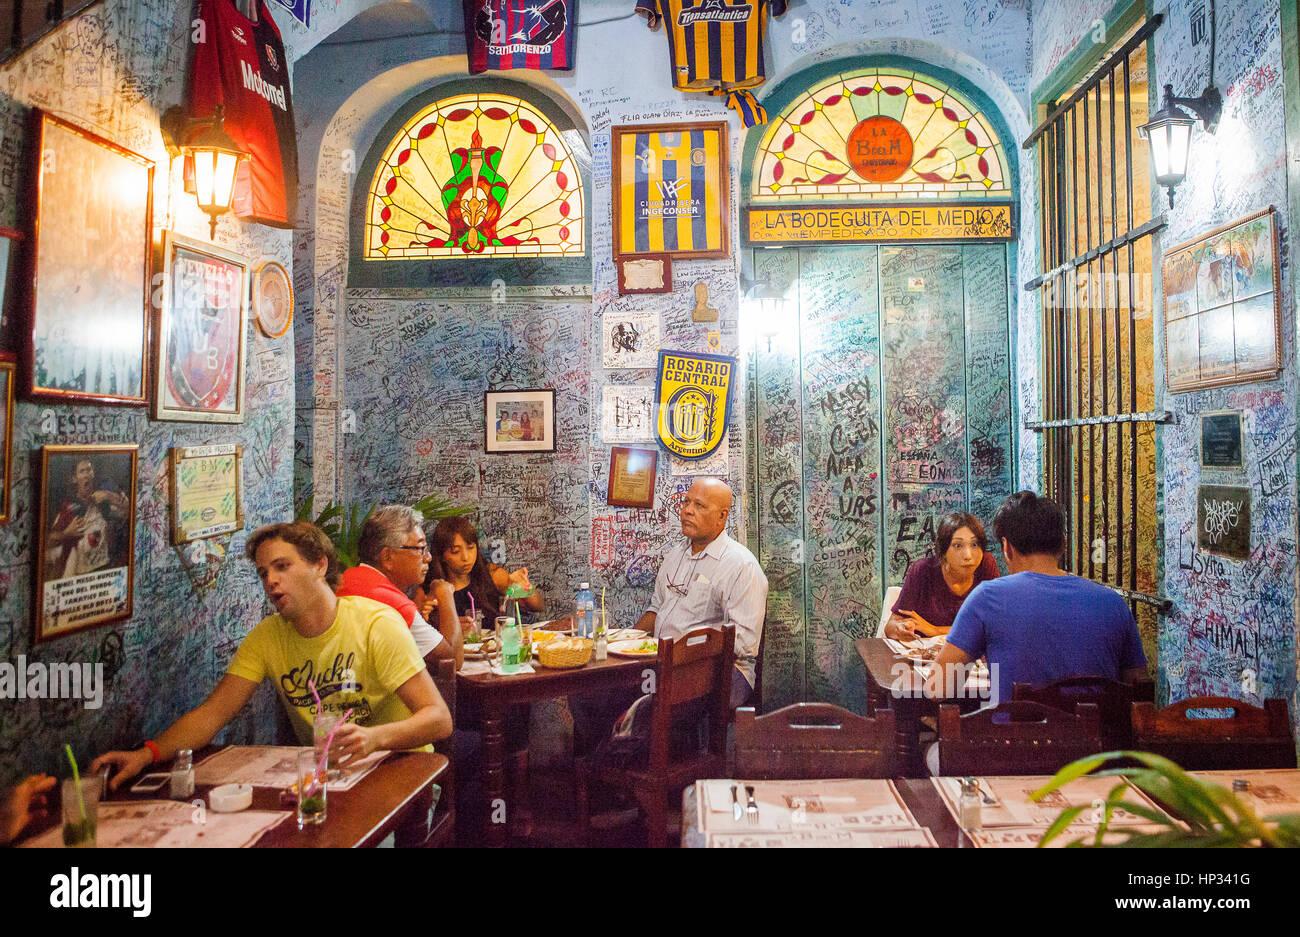 La Bodeguita del Medio, Habana Vieja, Habana Vieja, La Habana, Kuba Stockbild